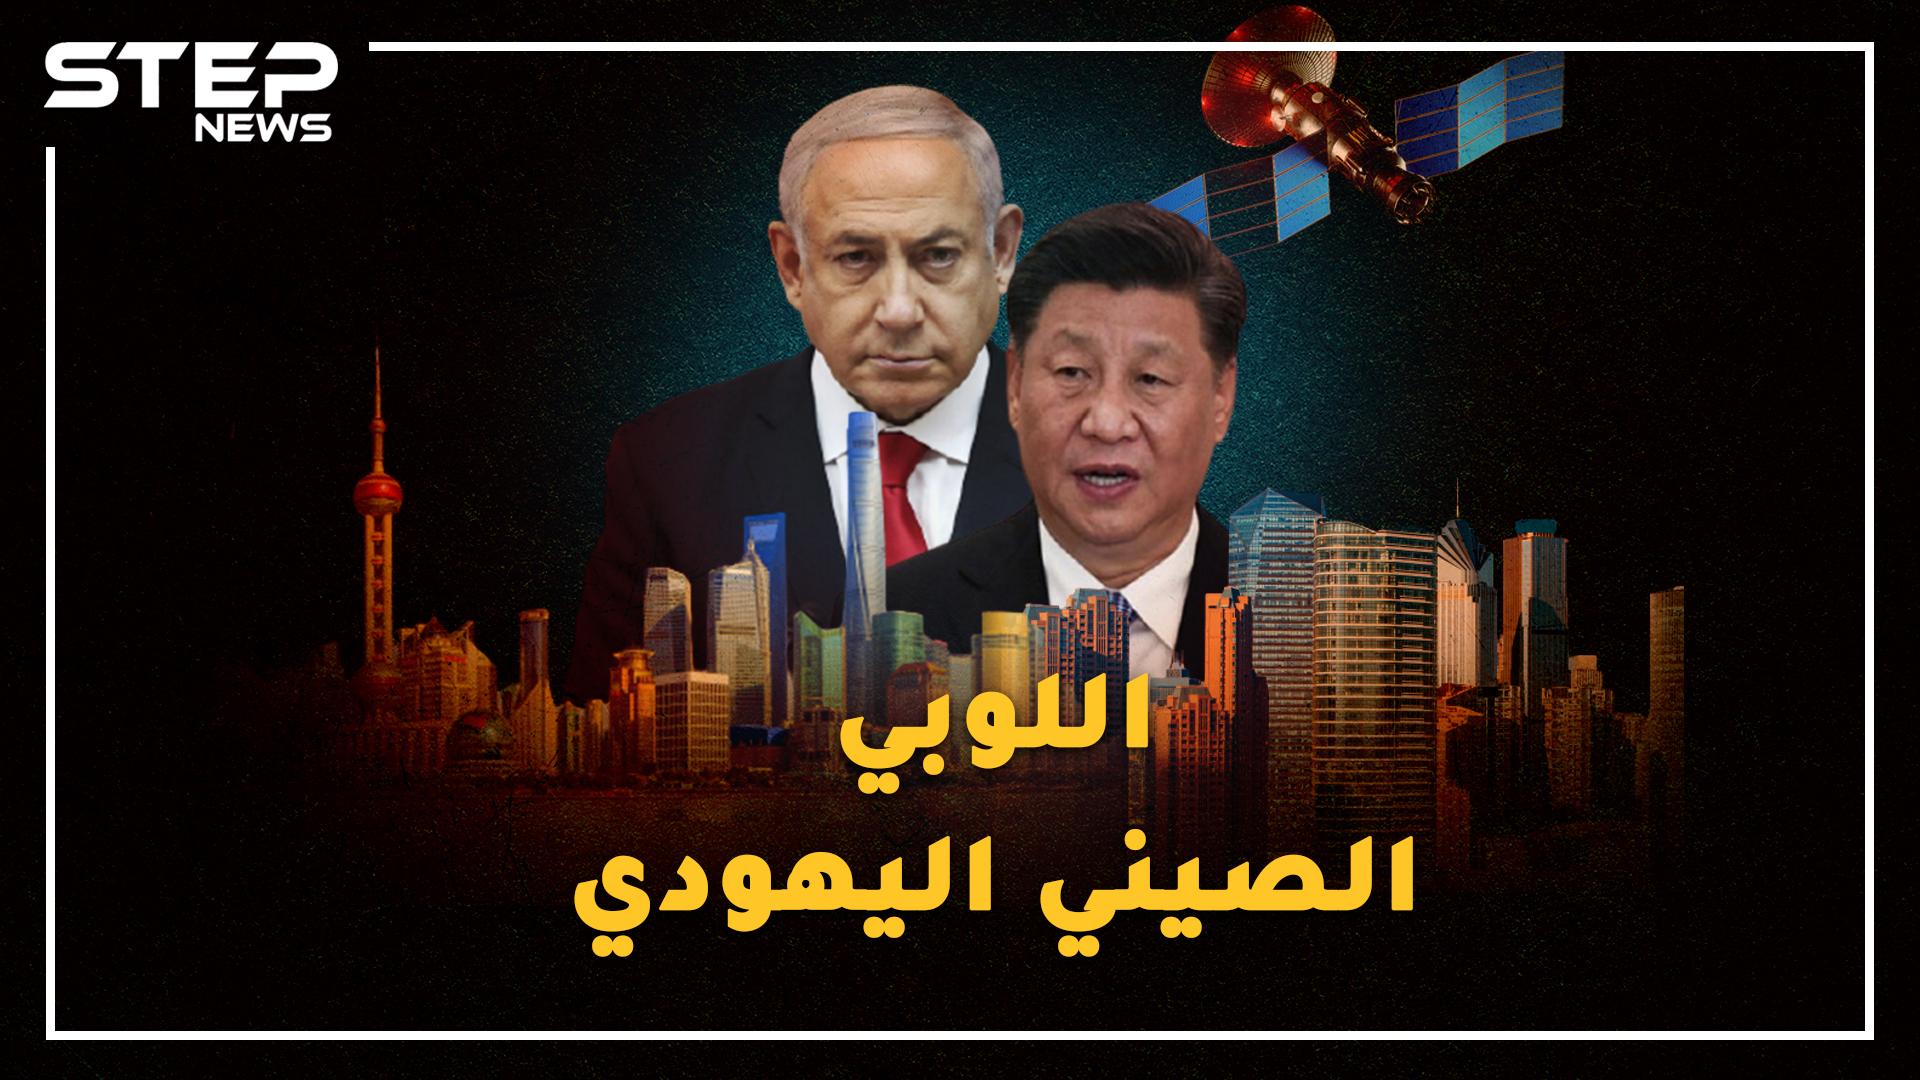 جماعة سرية يهودية صينية